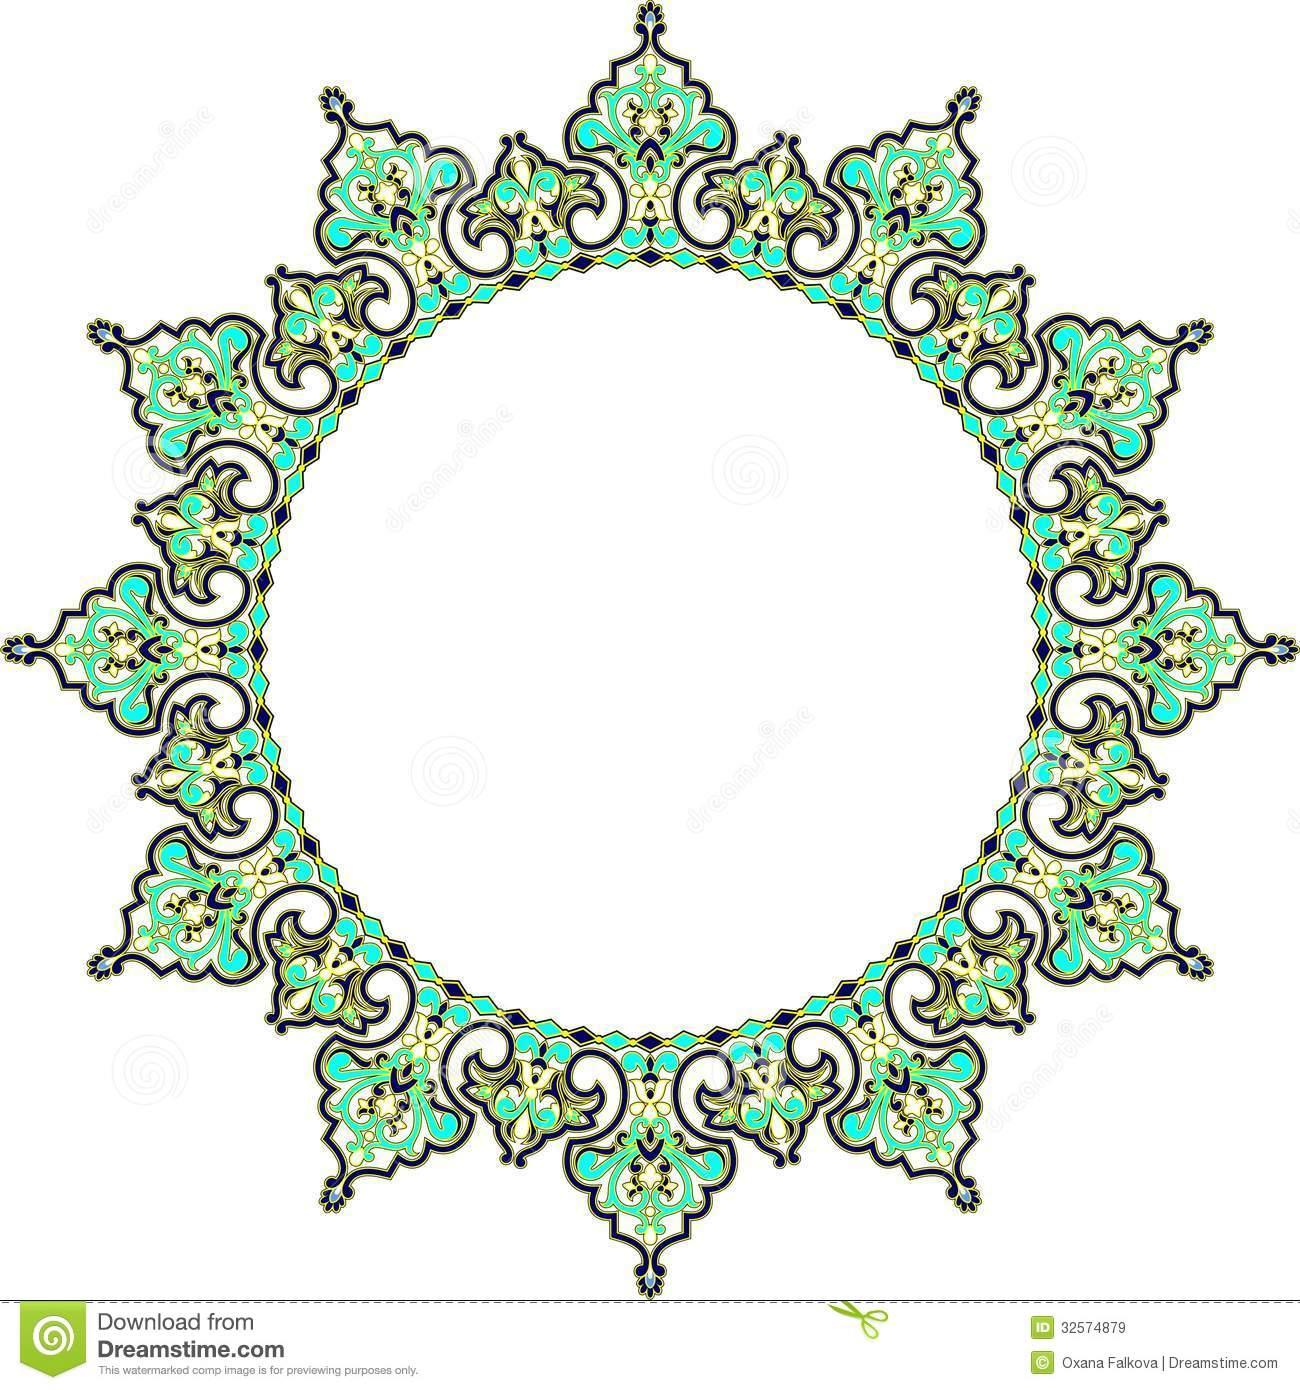 Arabic border designs clip art.